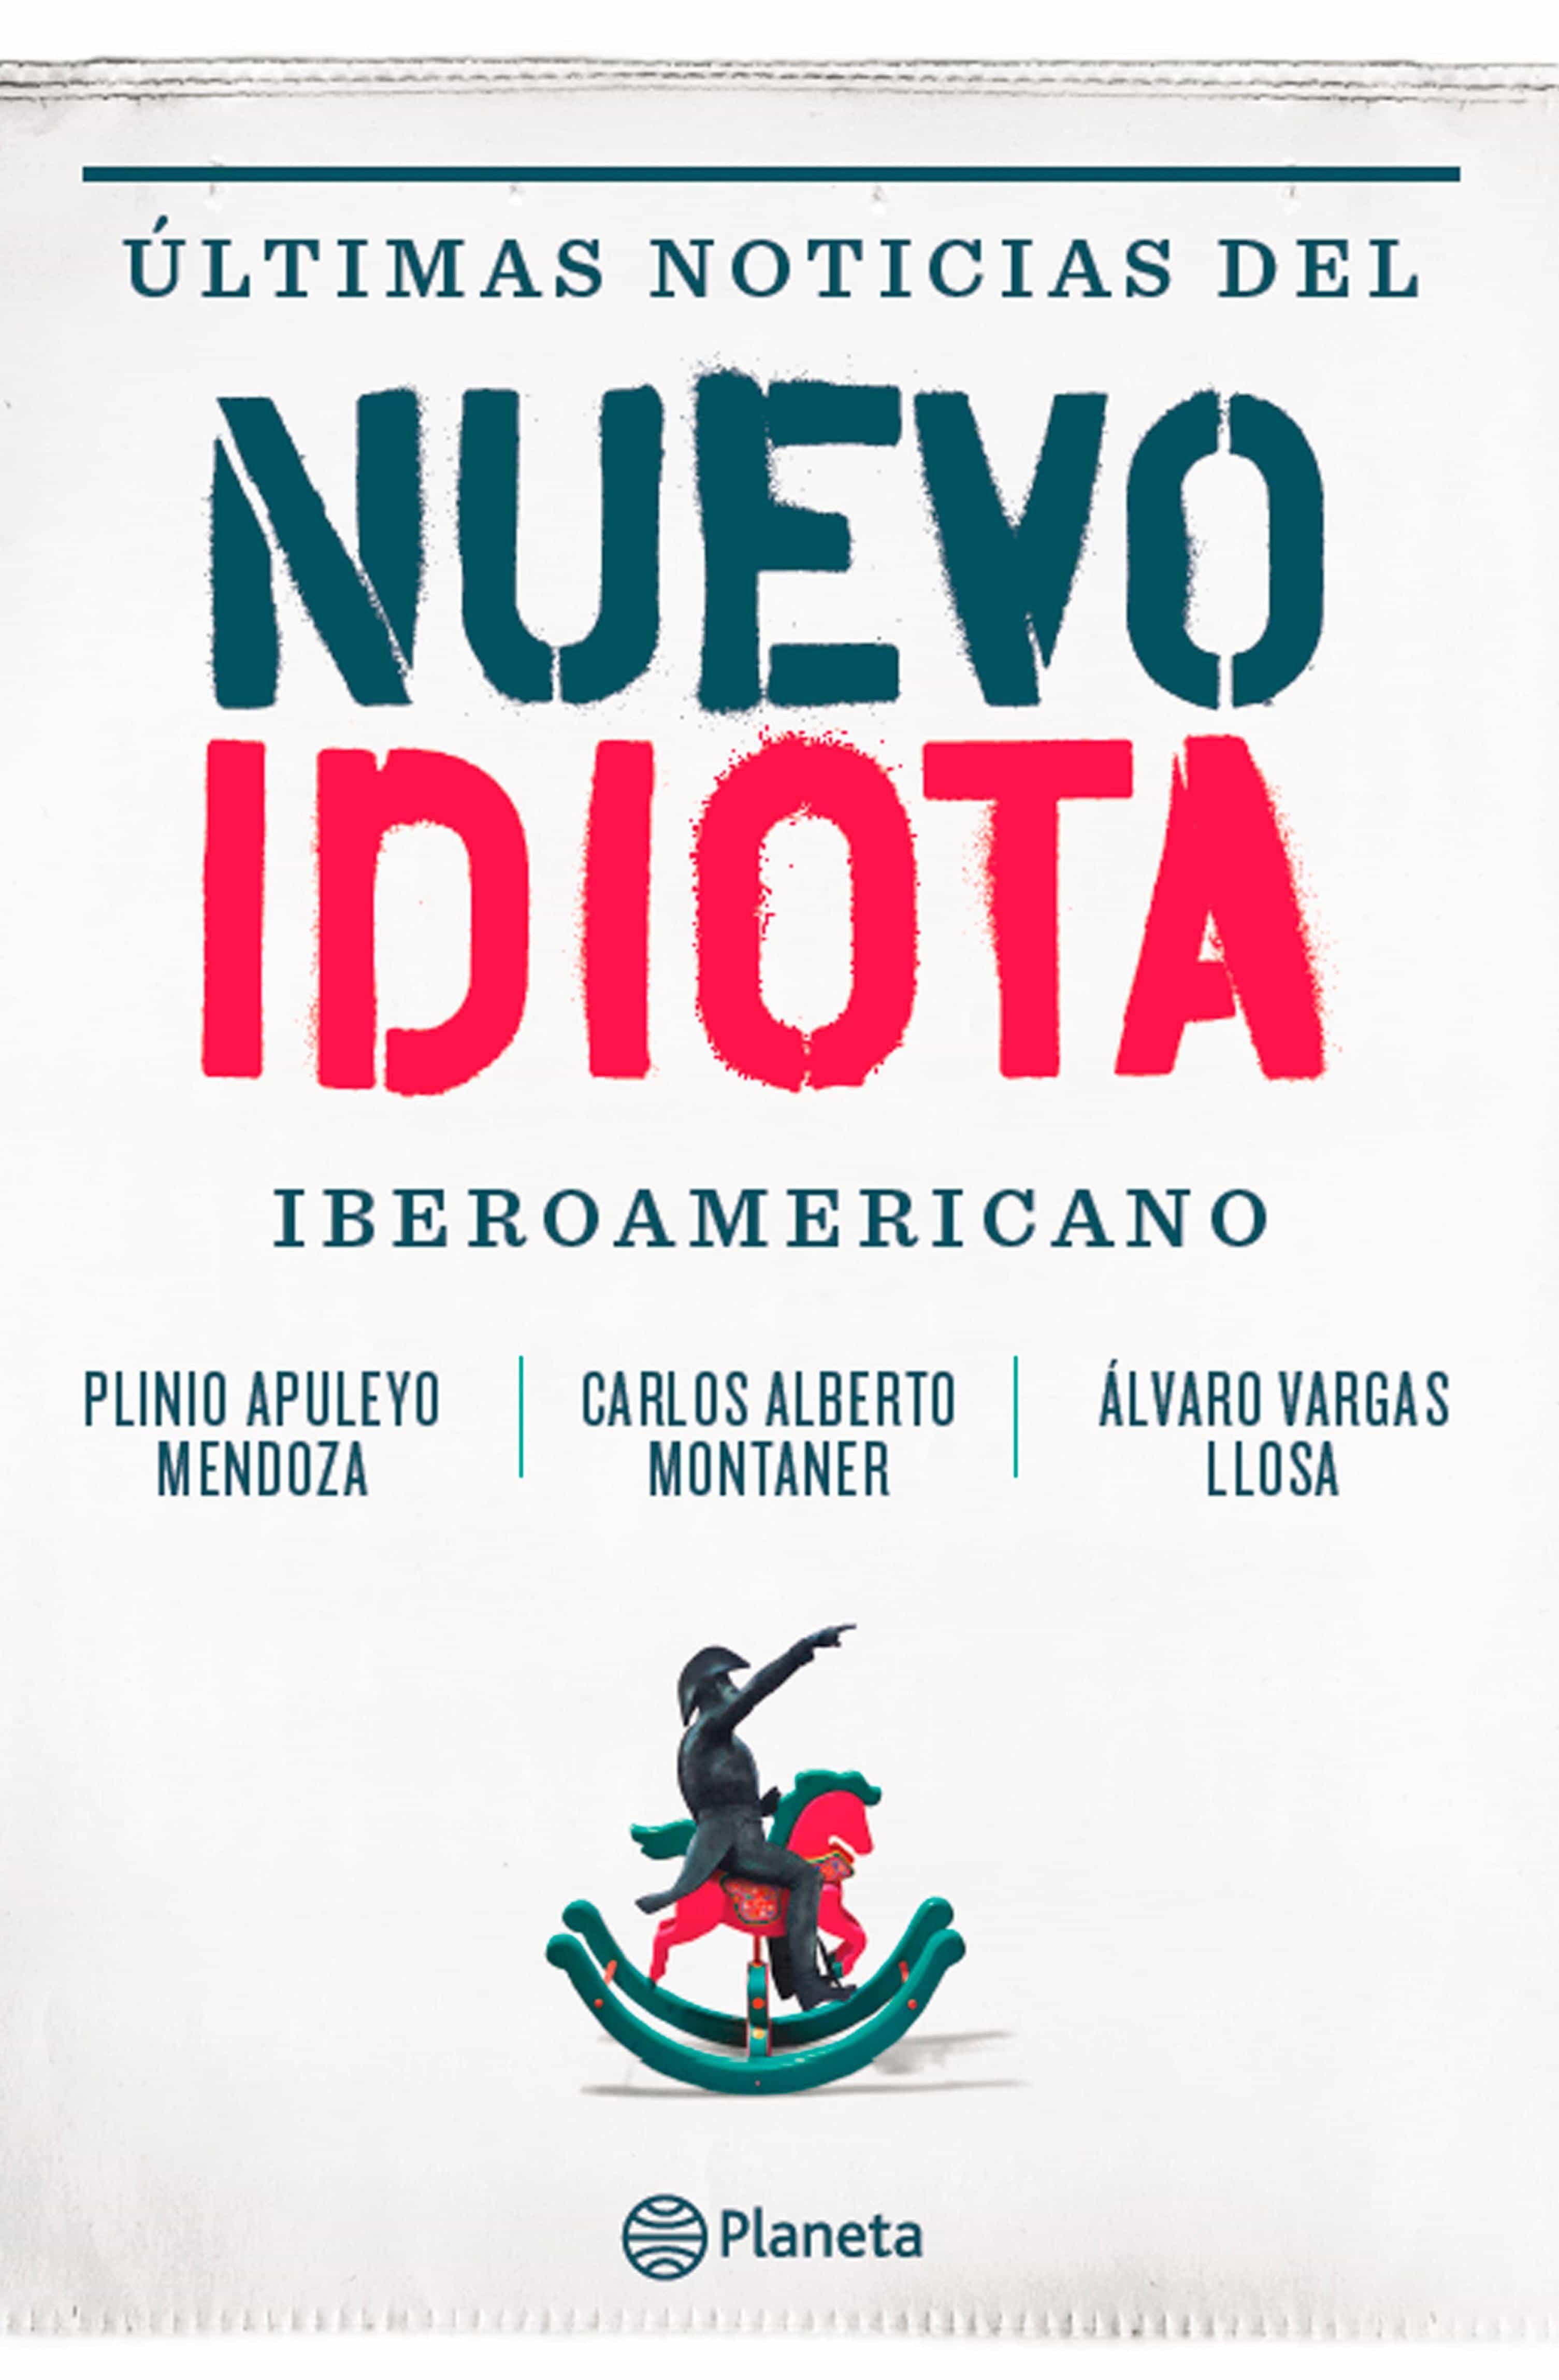 Ultimas Noticias Del Nuevo Idiota Iberoamericano (ebook)plinio Apuleyo  Mendozacarlos Alberto